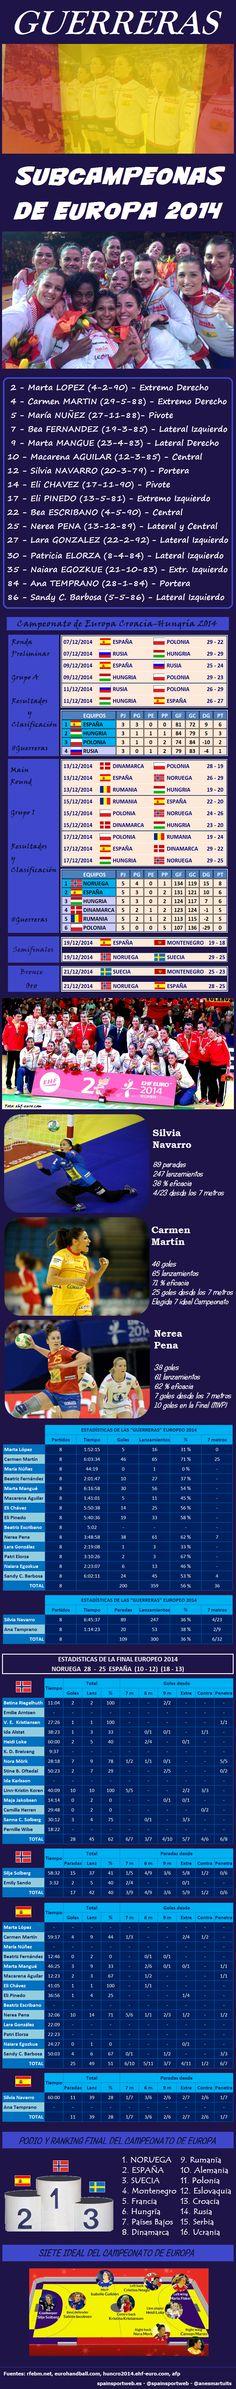 Balonmano - Guerreras - Subcampeonas de Europa 2014